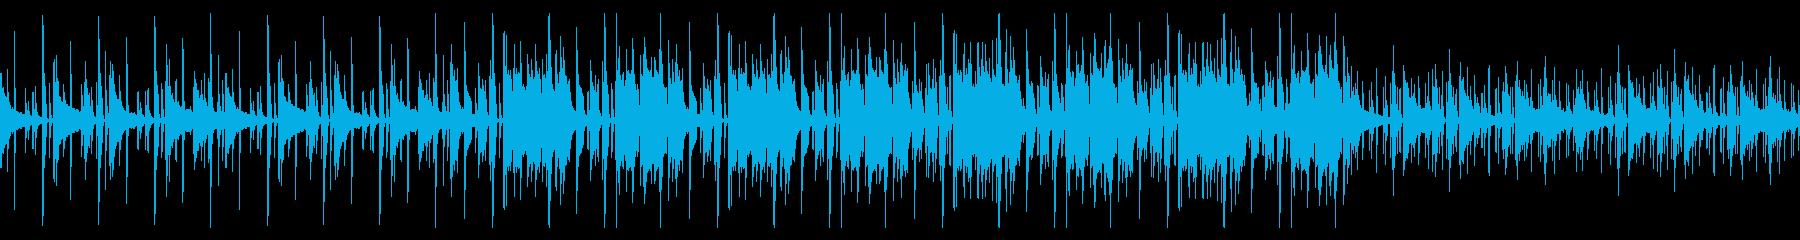 シンプルで渋いBGM ループ仕様の再生済みの波形